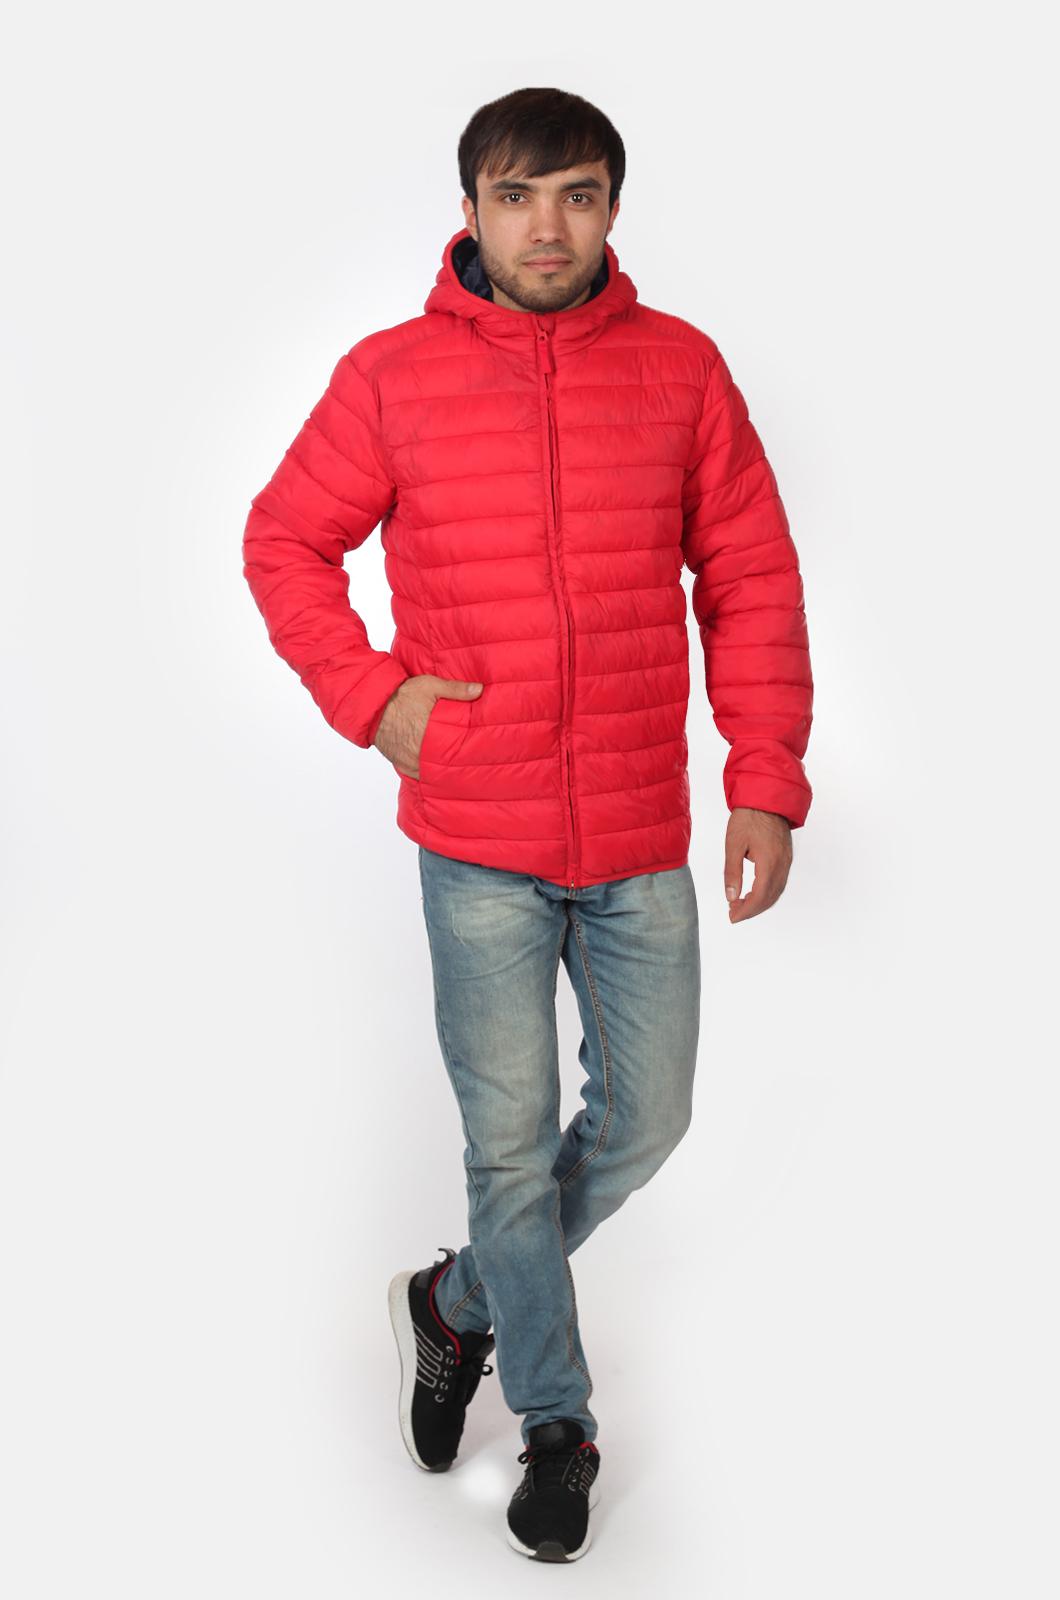 Мужская куртка красного цвета от Urb доступна для заказа